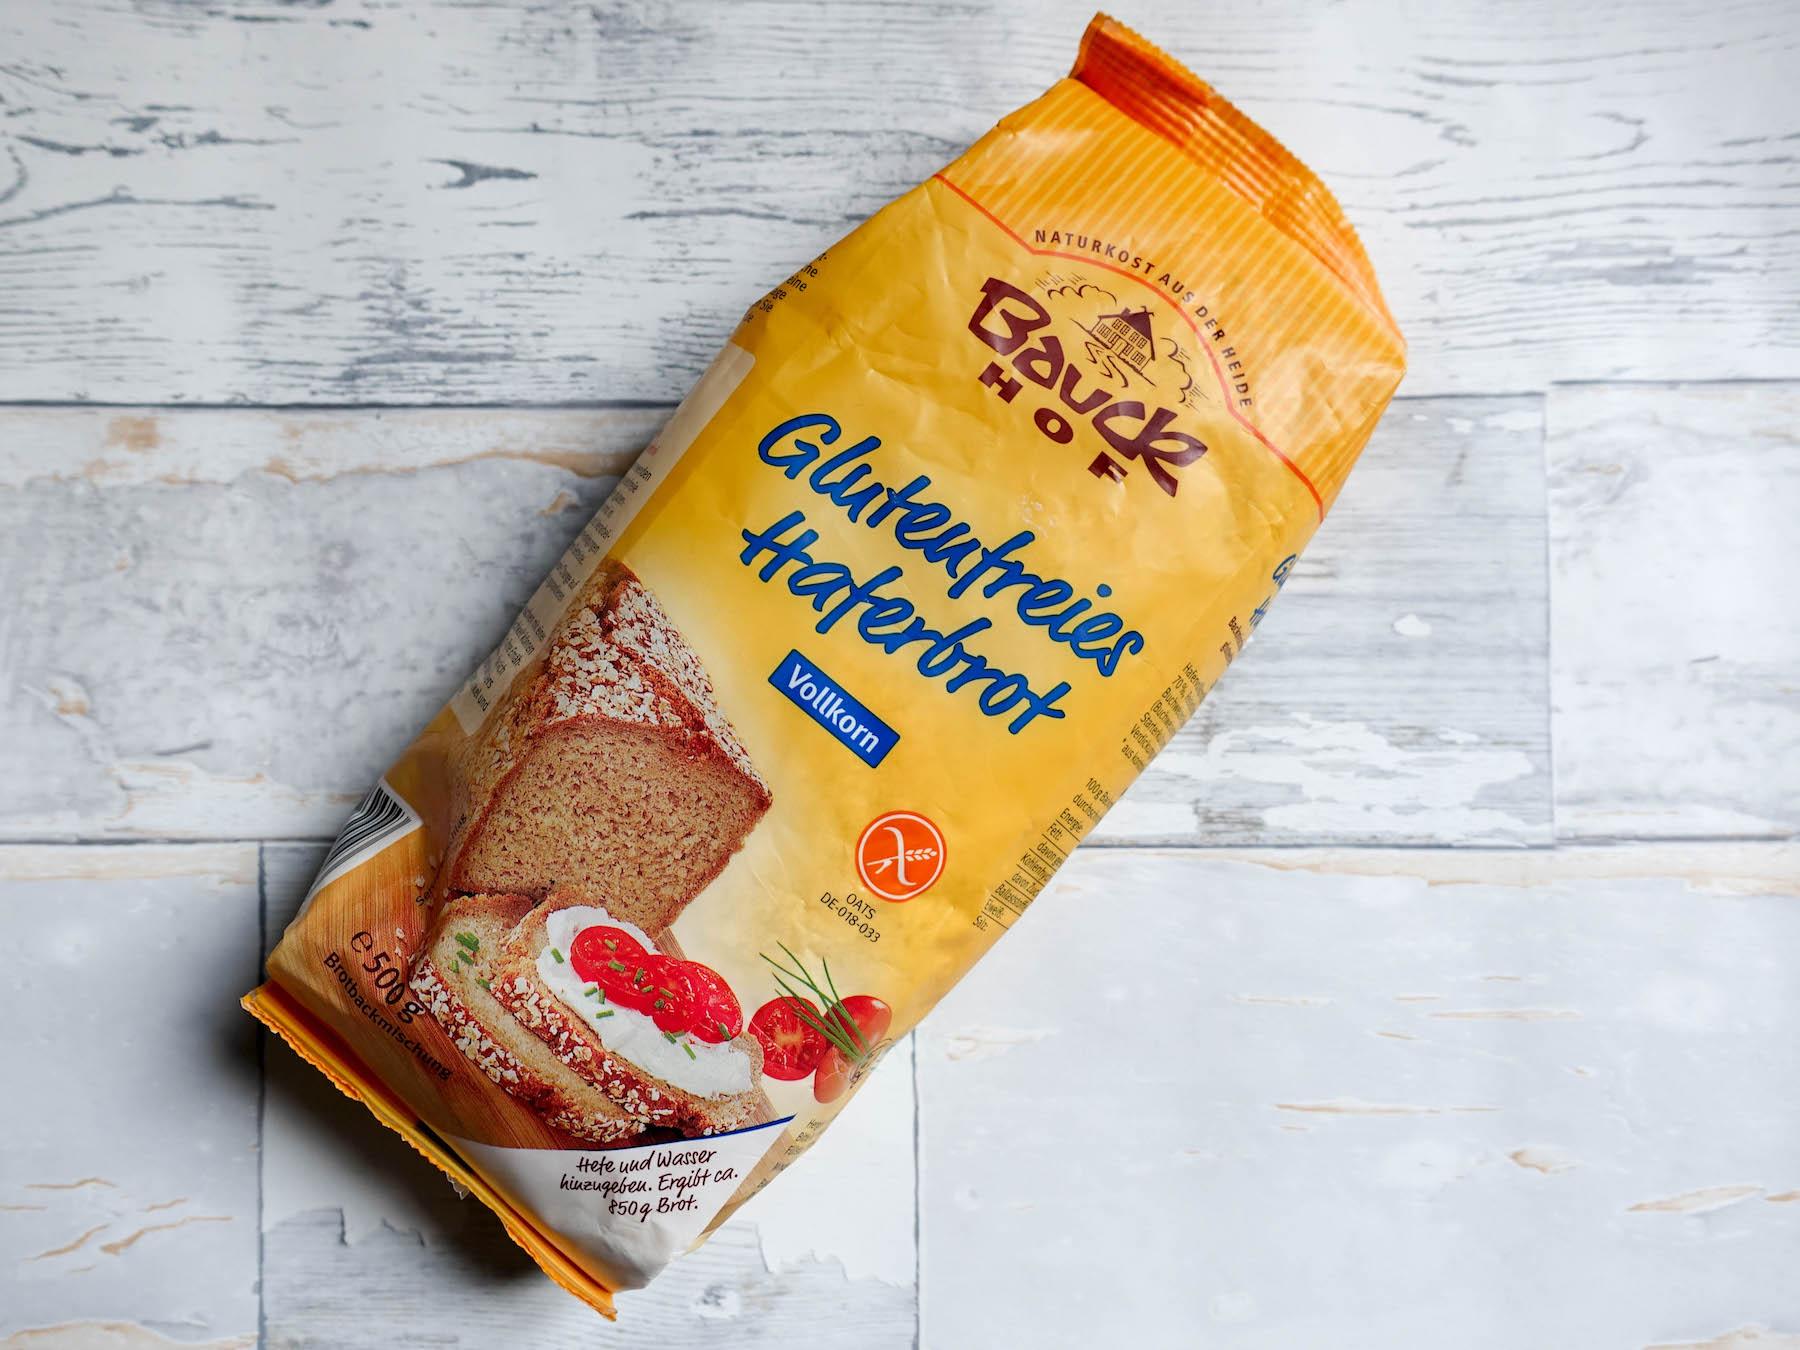 suelovesnyc_susan_fengler_glutenfrei_blog_bauckhof_glutenfreies_haferbrot_brotbackmischung_glutenfreies_brot_backen